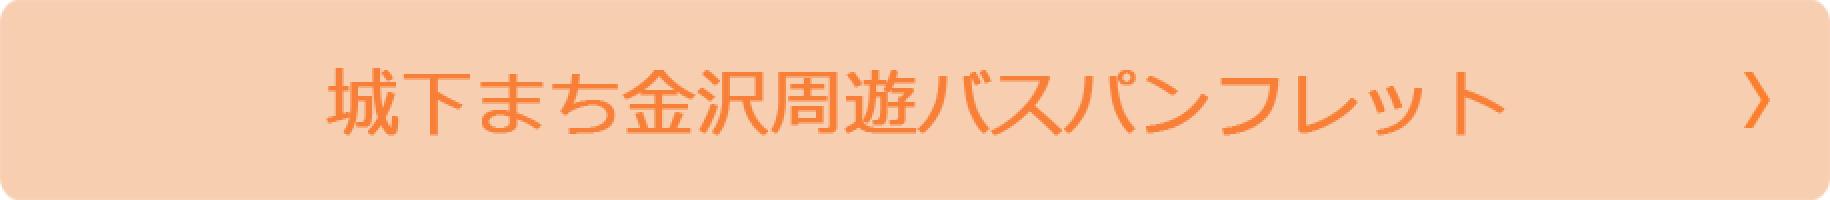 城下まち金沢周遊バスパンフレット